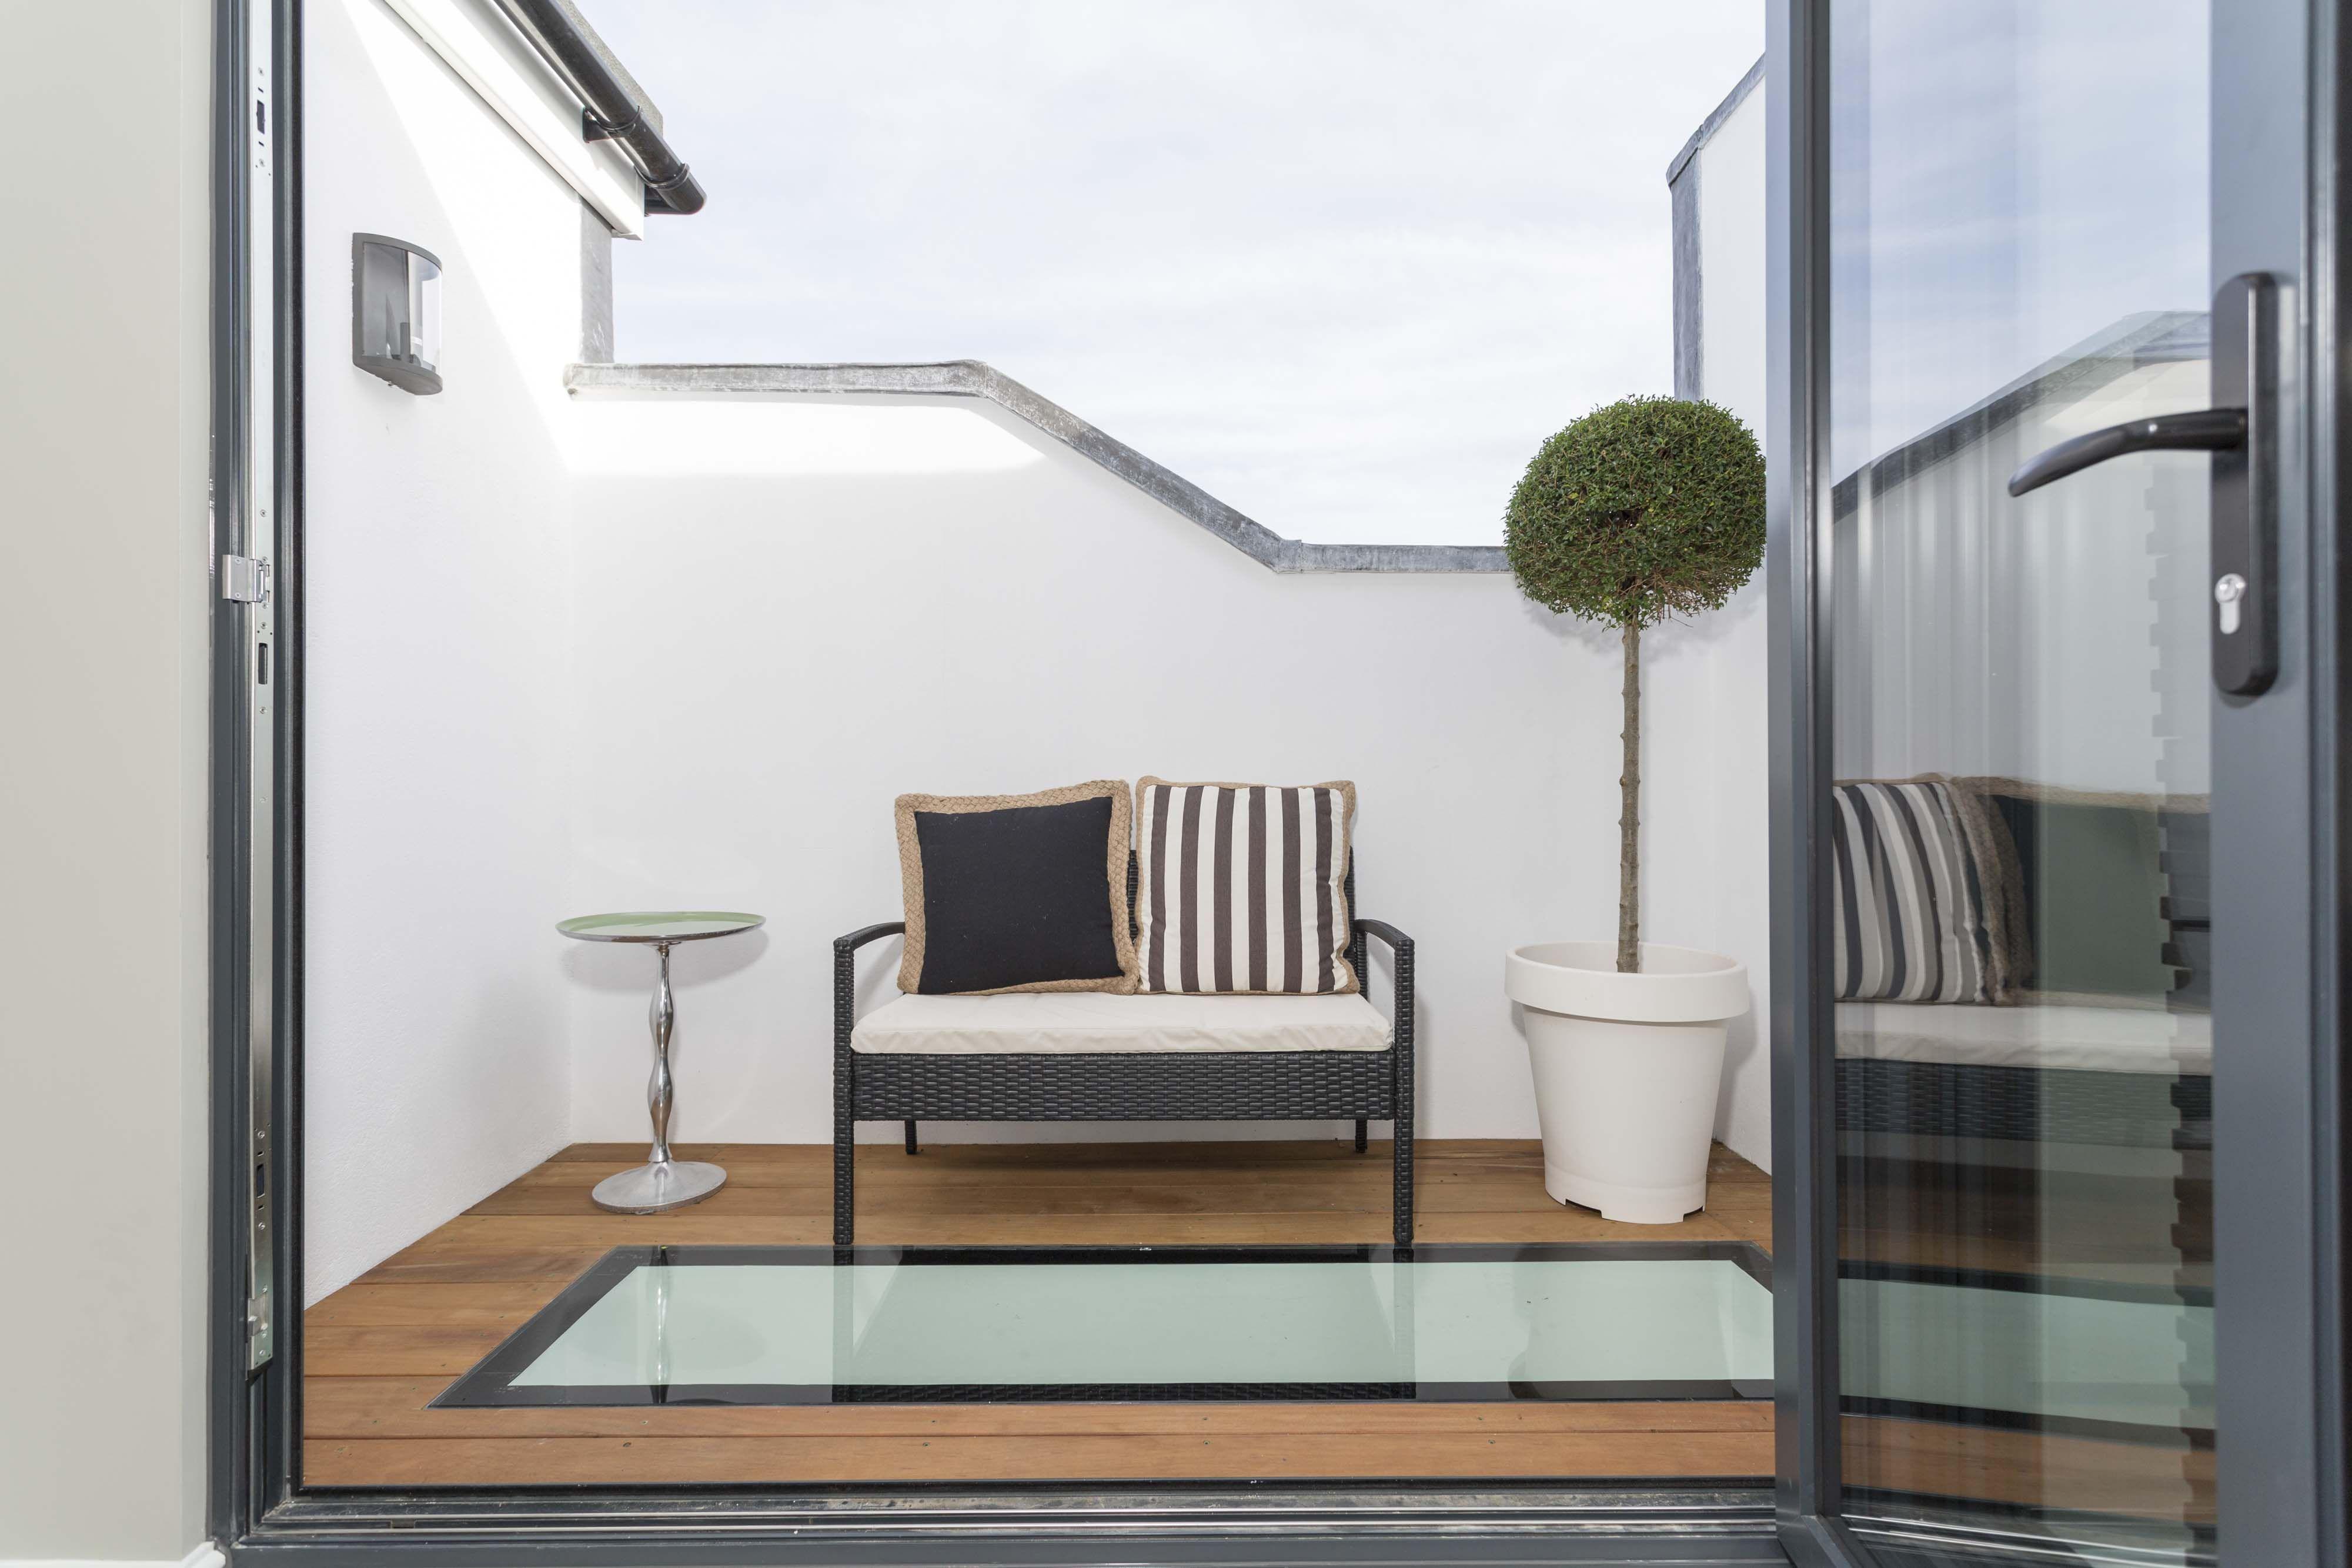 London Roof Terraces Simply Loft In 2020 Loft Conversion Loft Conversion Roof Loft Conversion Design